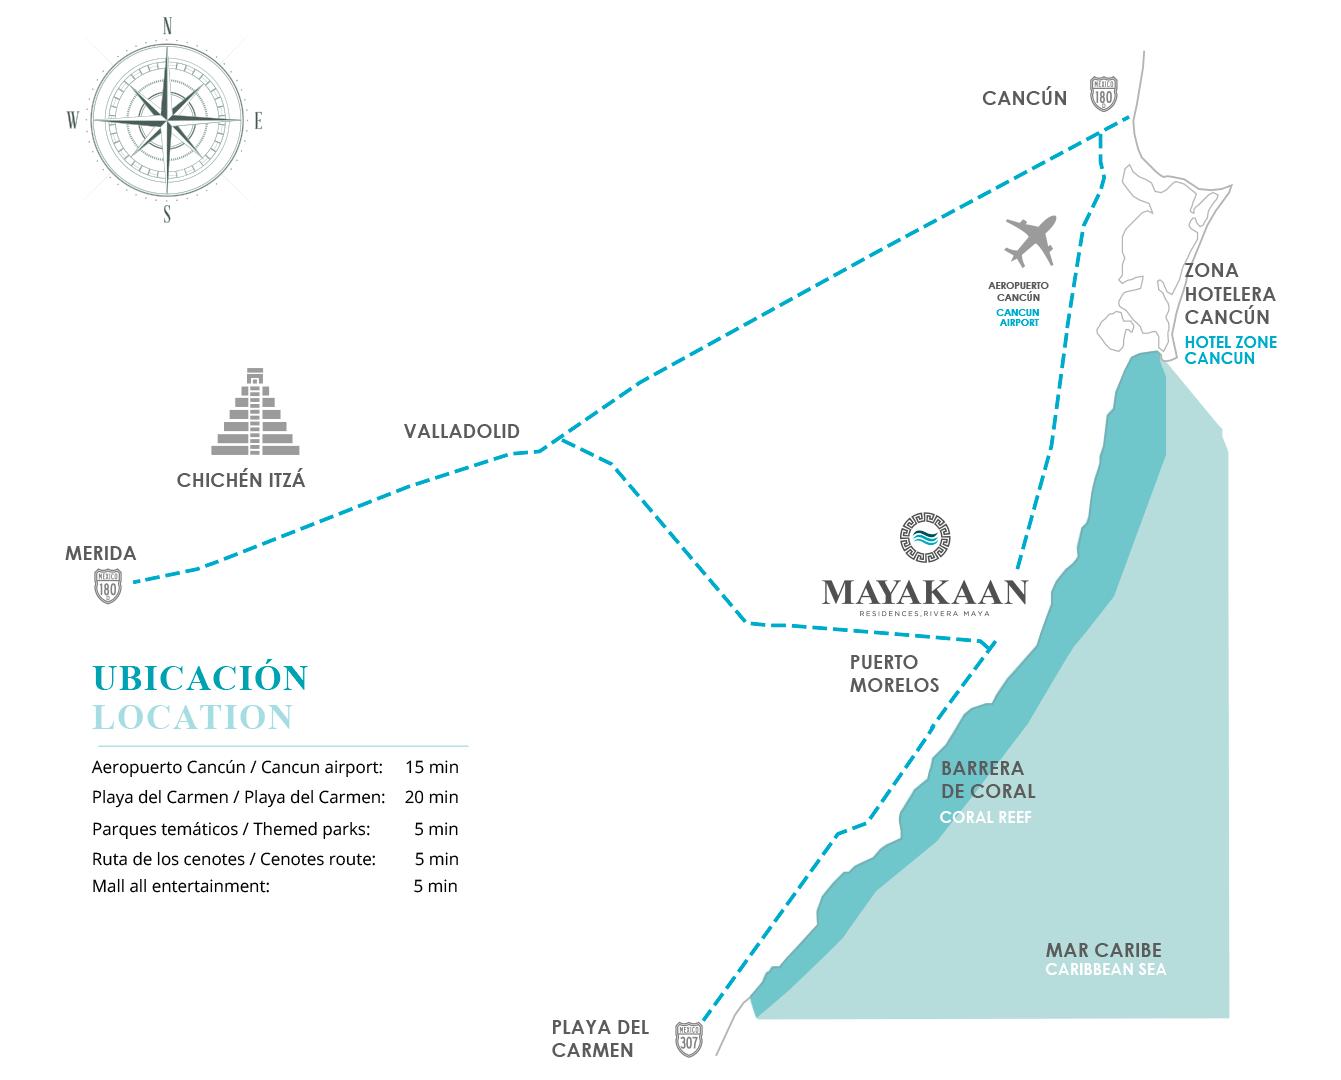 Mapa de Mayakaan